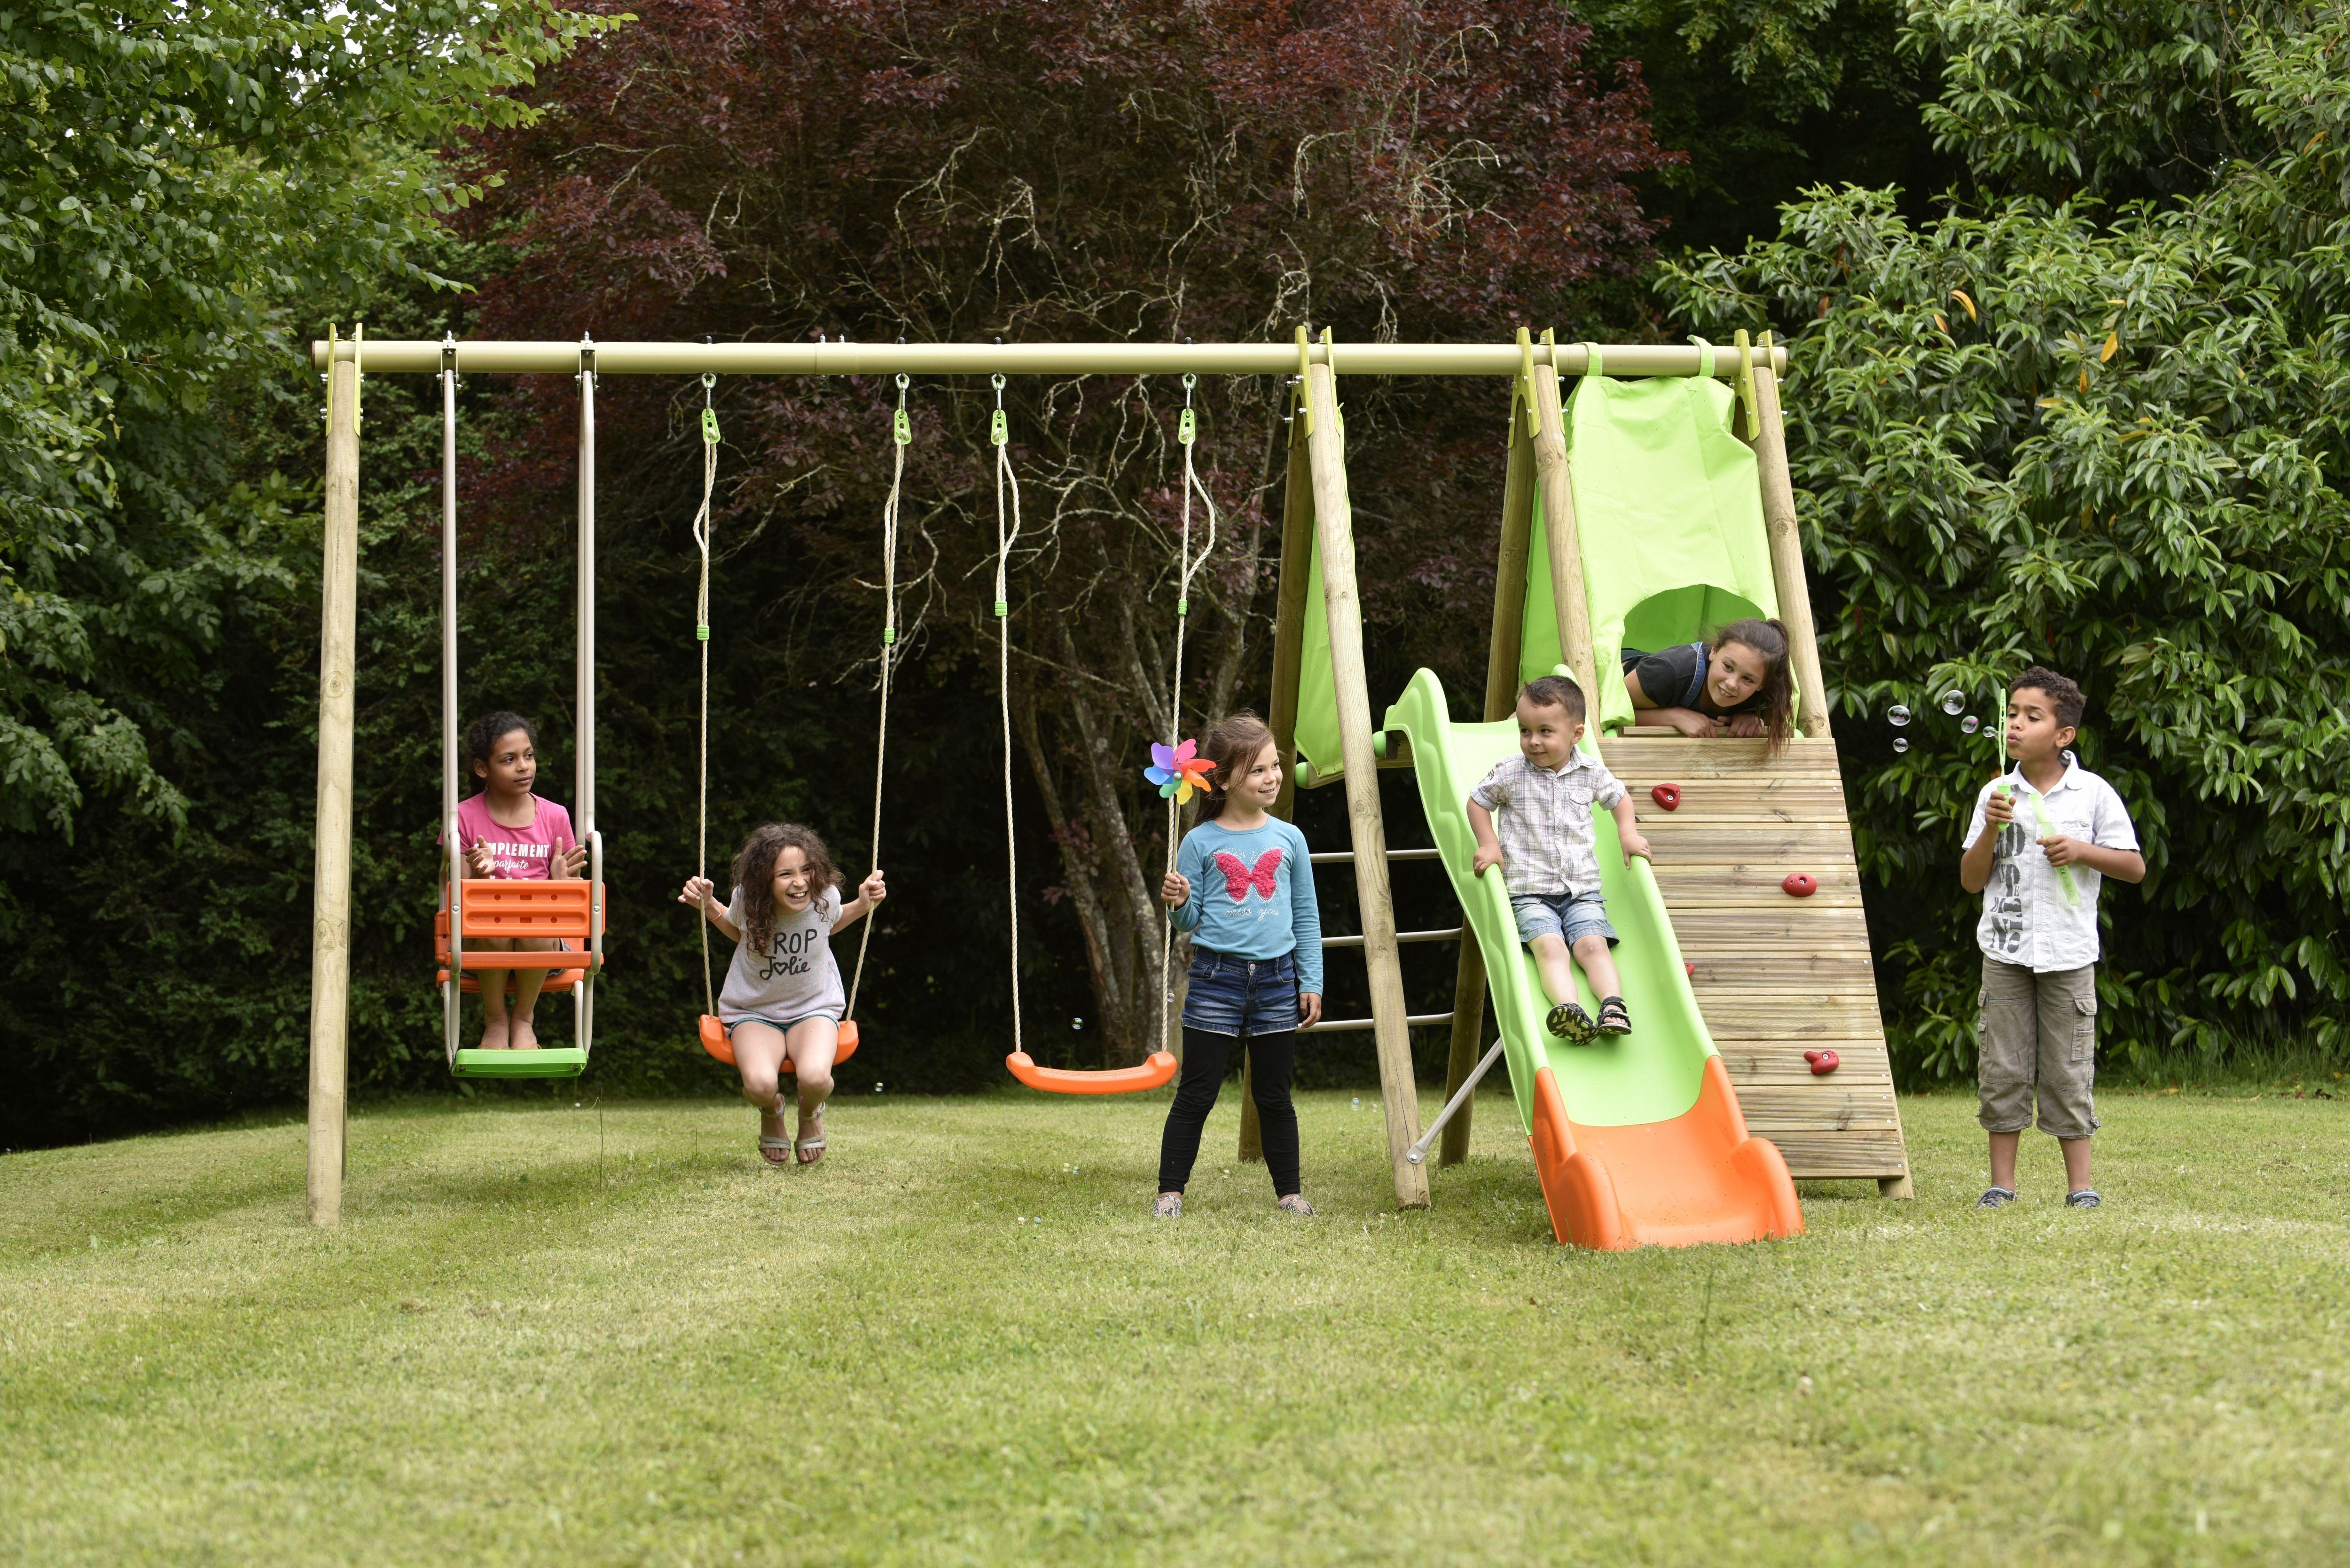 Trigano Jardin Portique En Bois Kalpa Triganojardin Jardin Madeinfrance Jeu Pleinair Enfant Exteri Jeux En Bois Exterieur Portique Piscine Pour Enfant